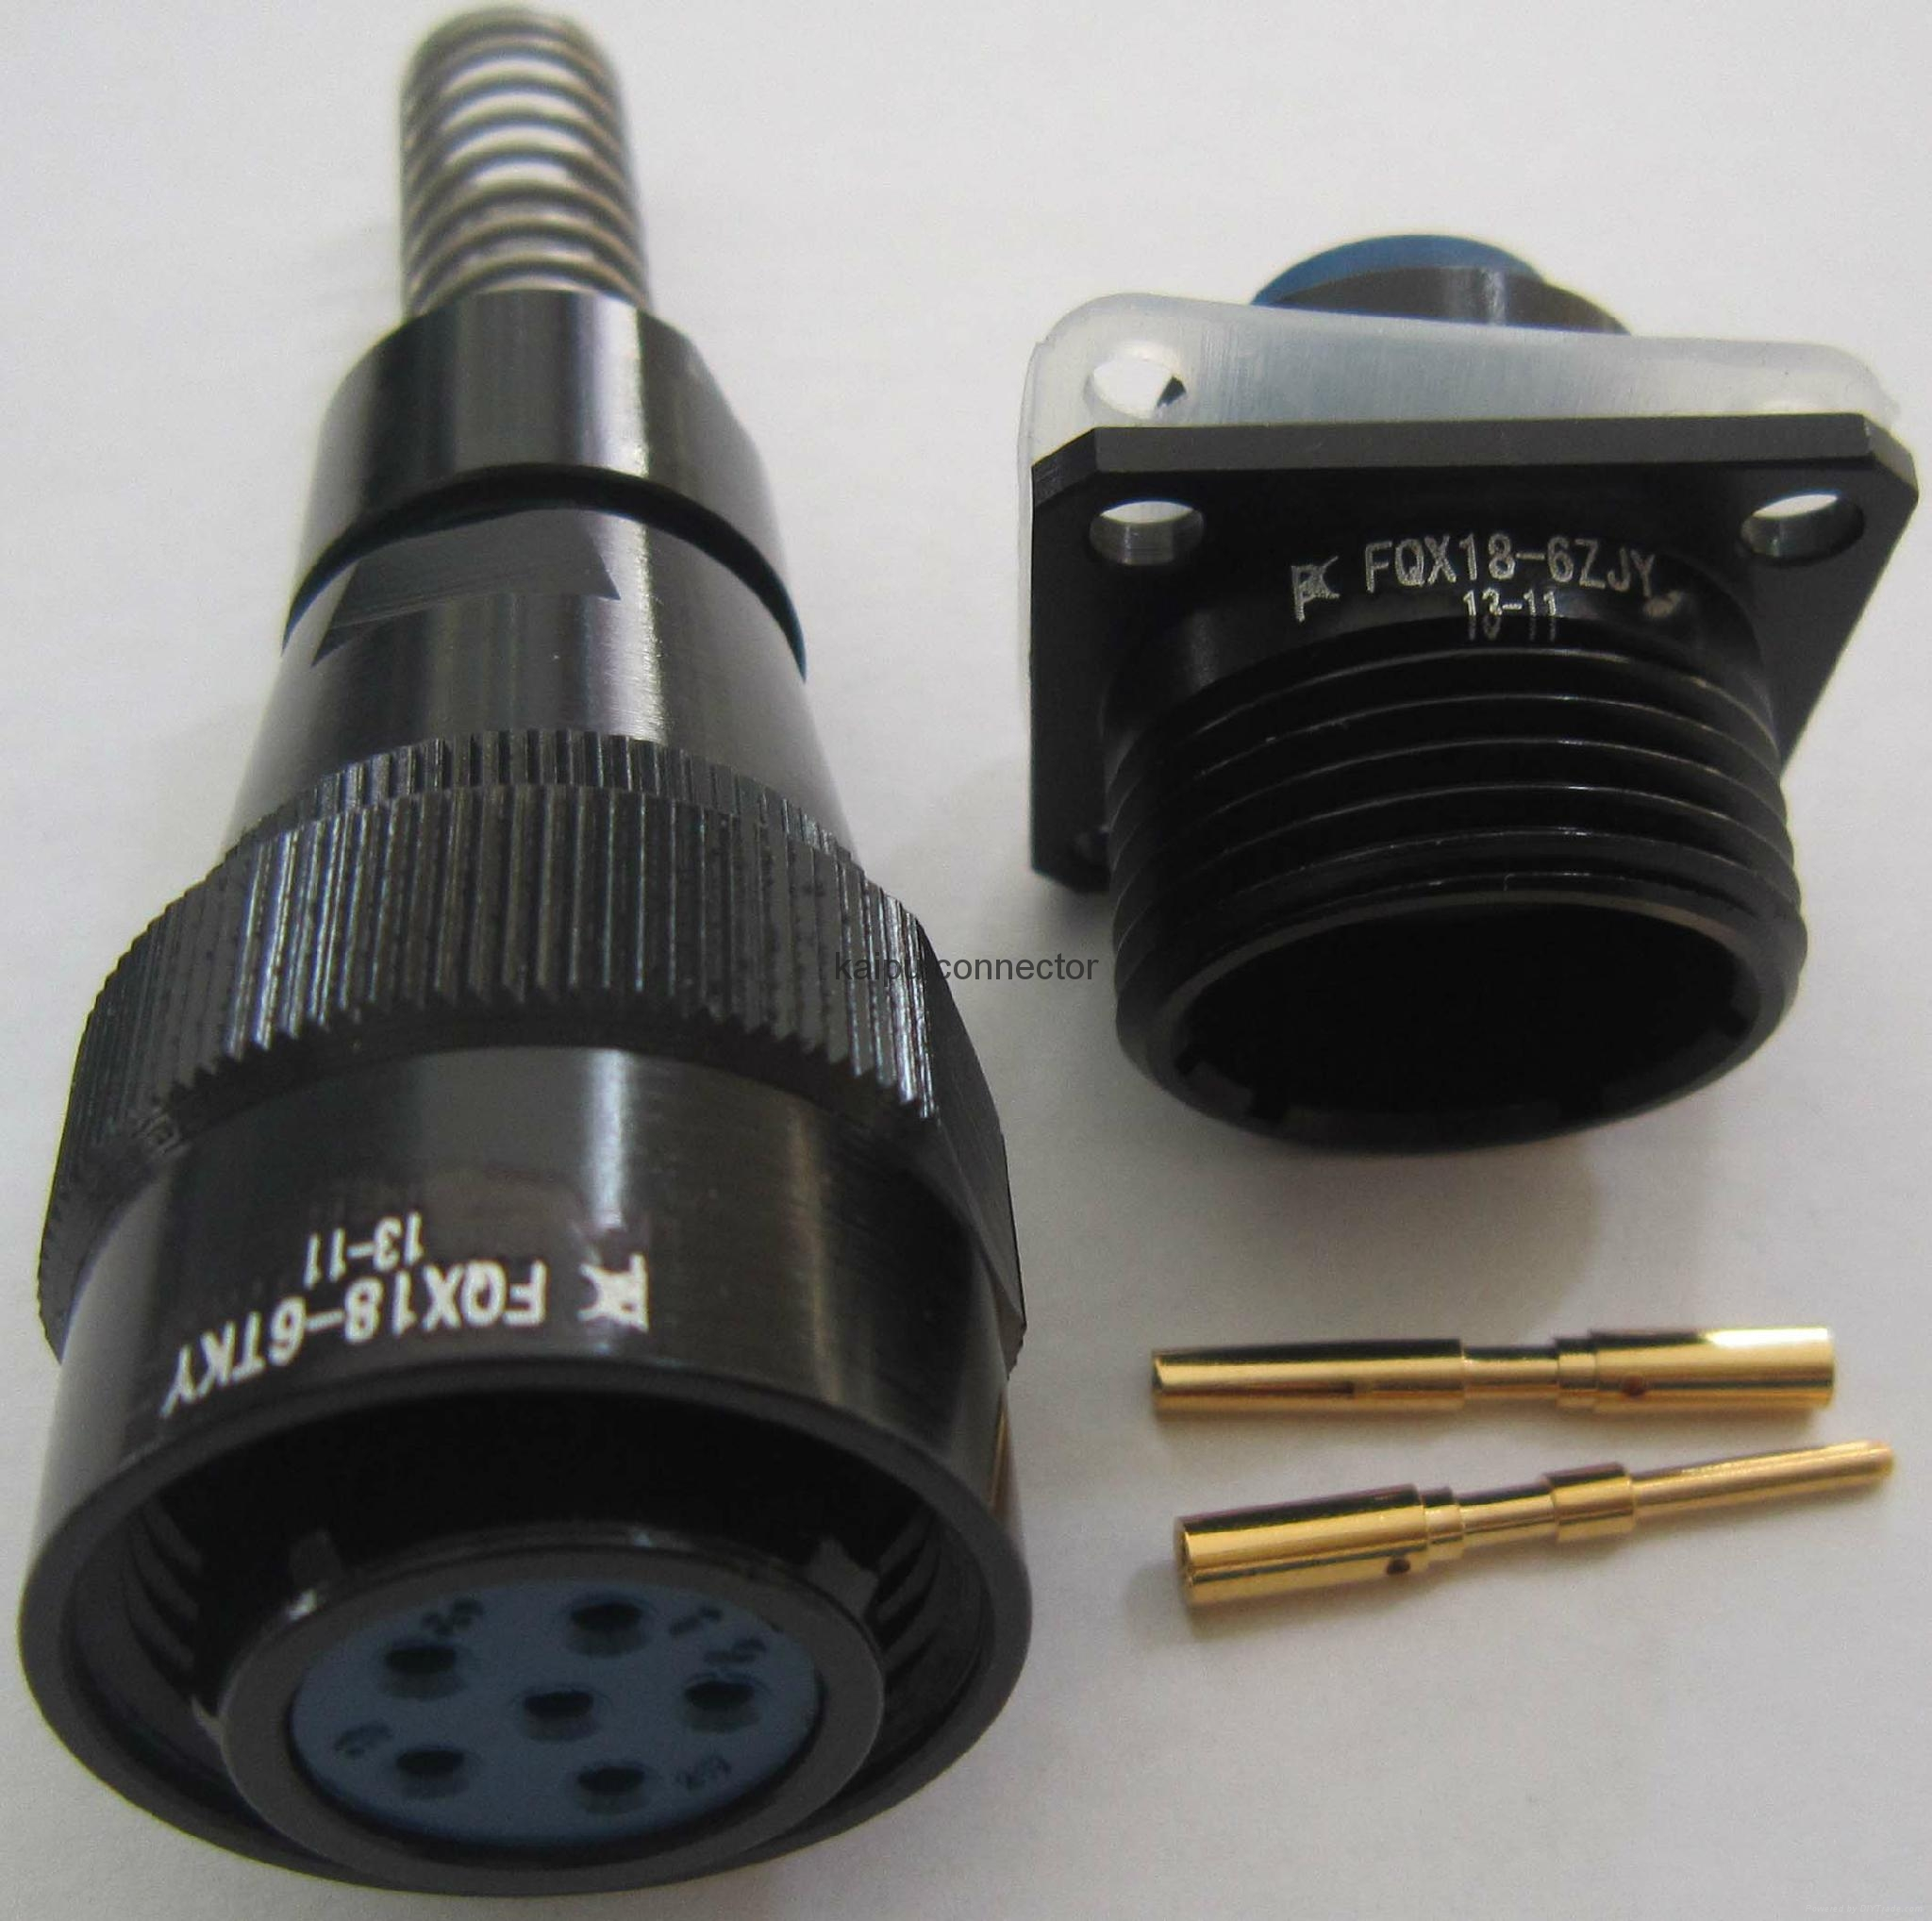 防水航空插头IP68级 2